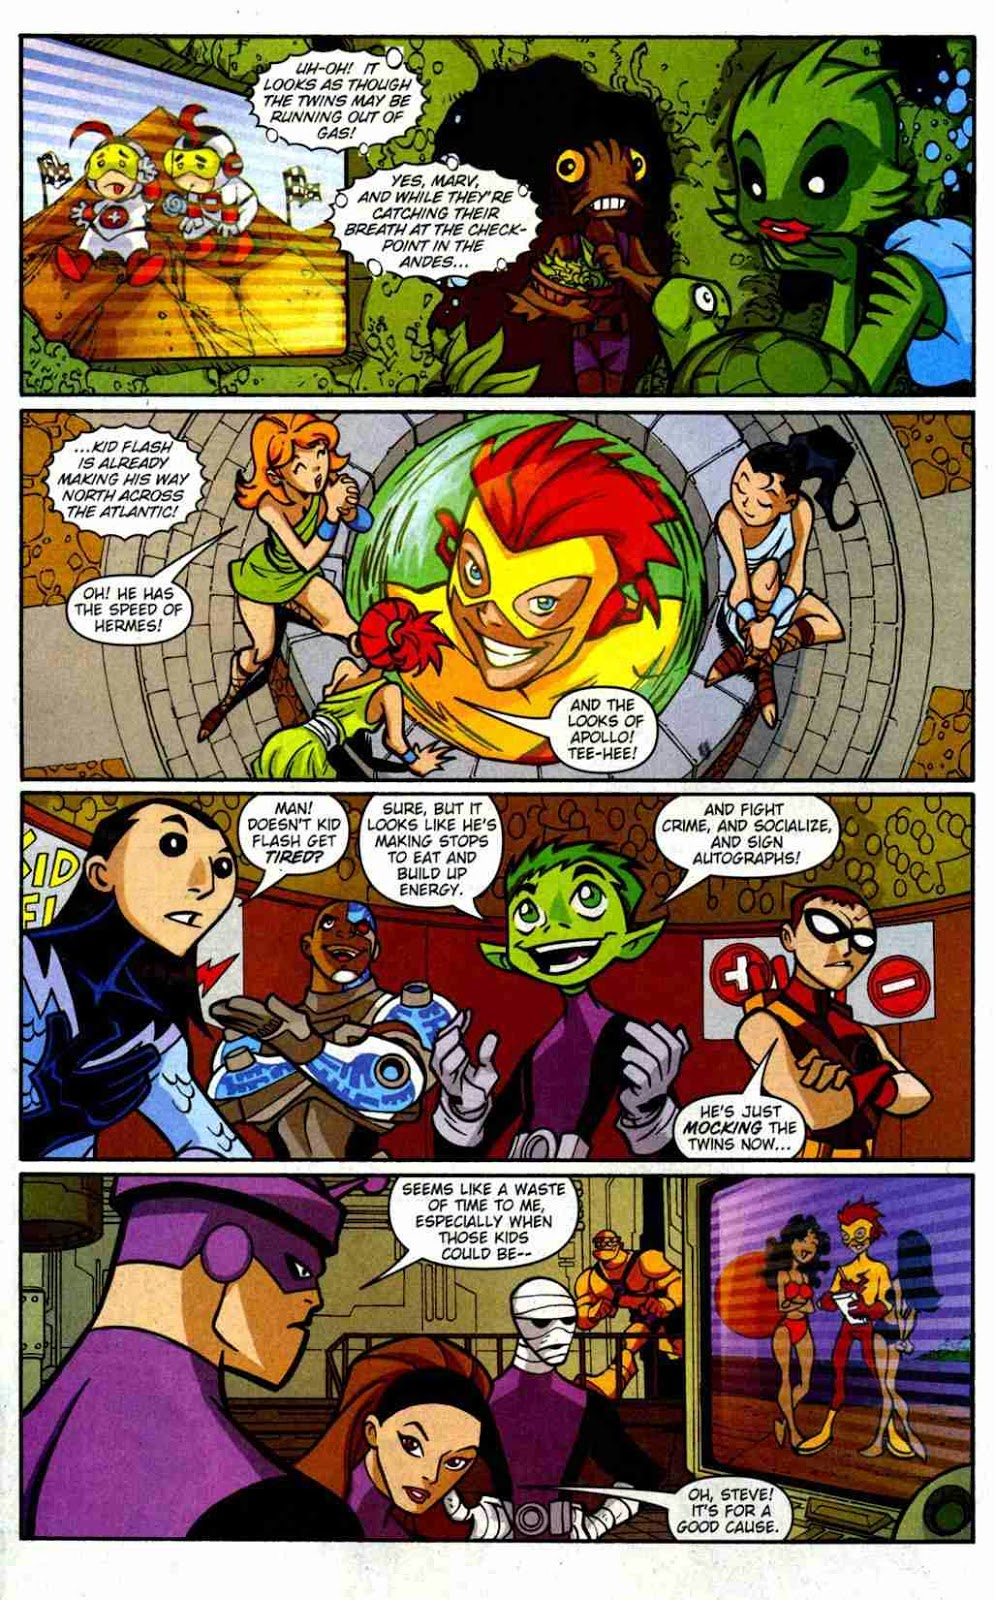 Teen Titans GO! Comic book series: Teen Titans GO! Issue ...